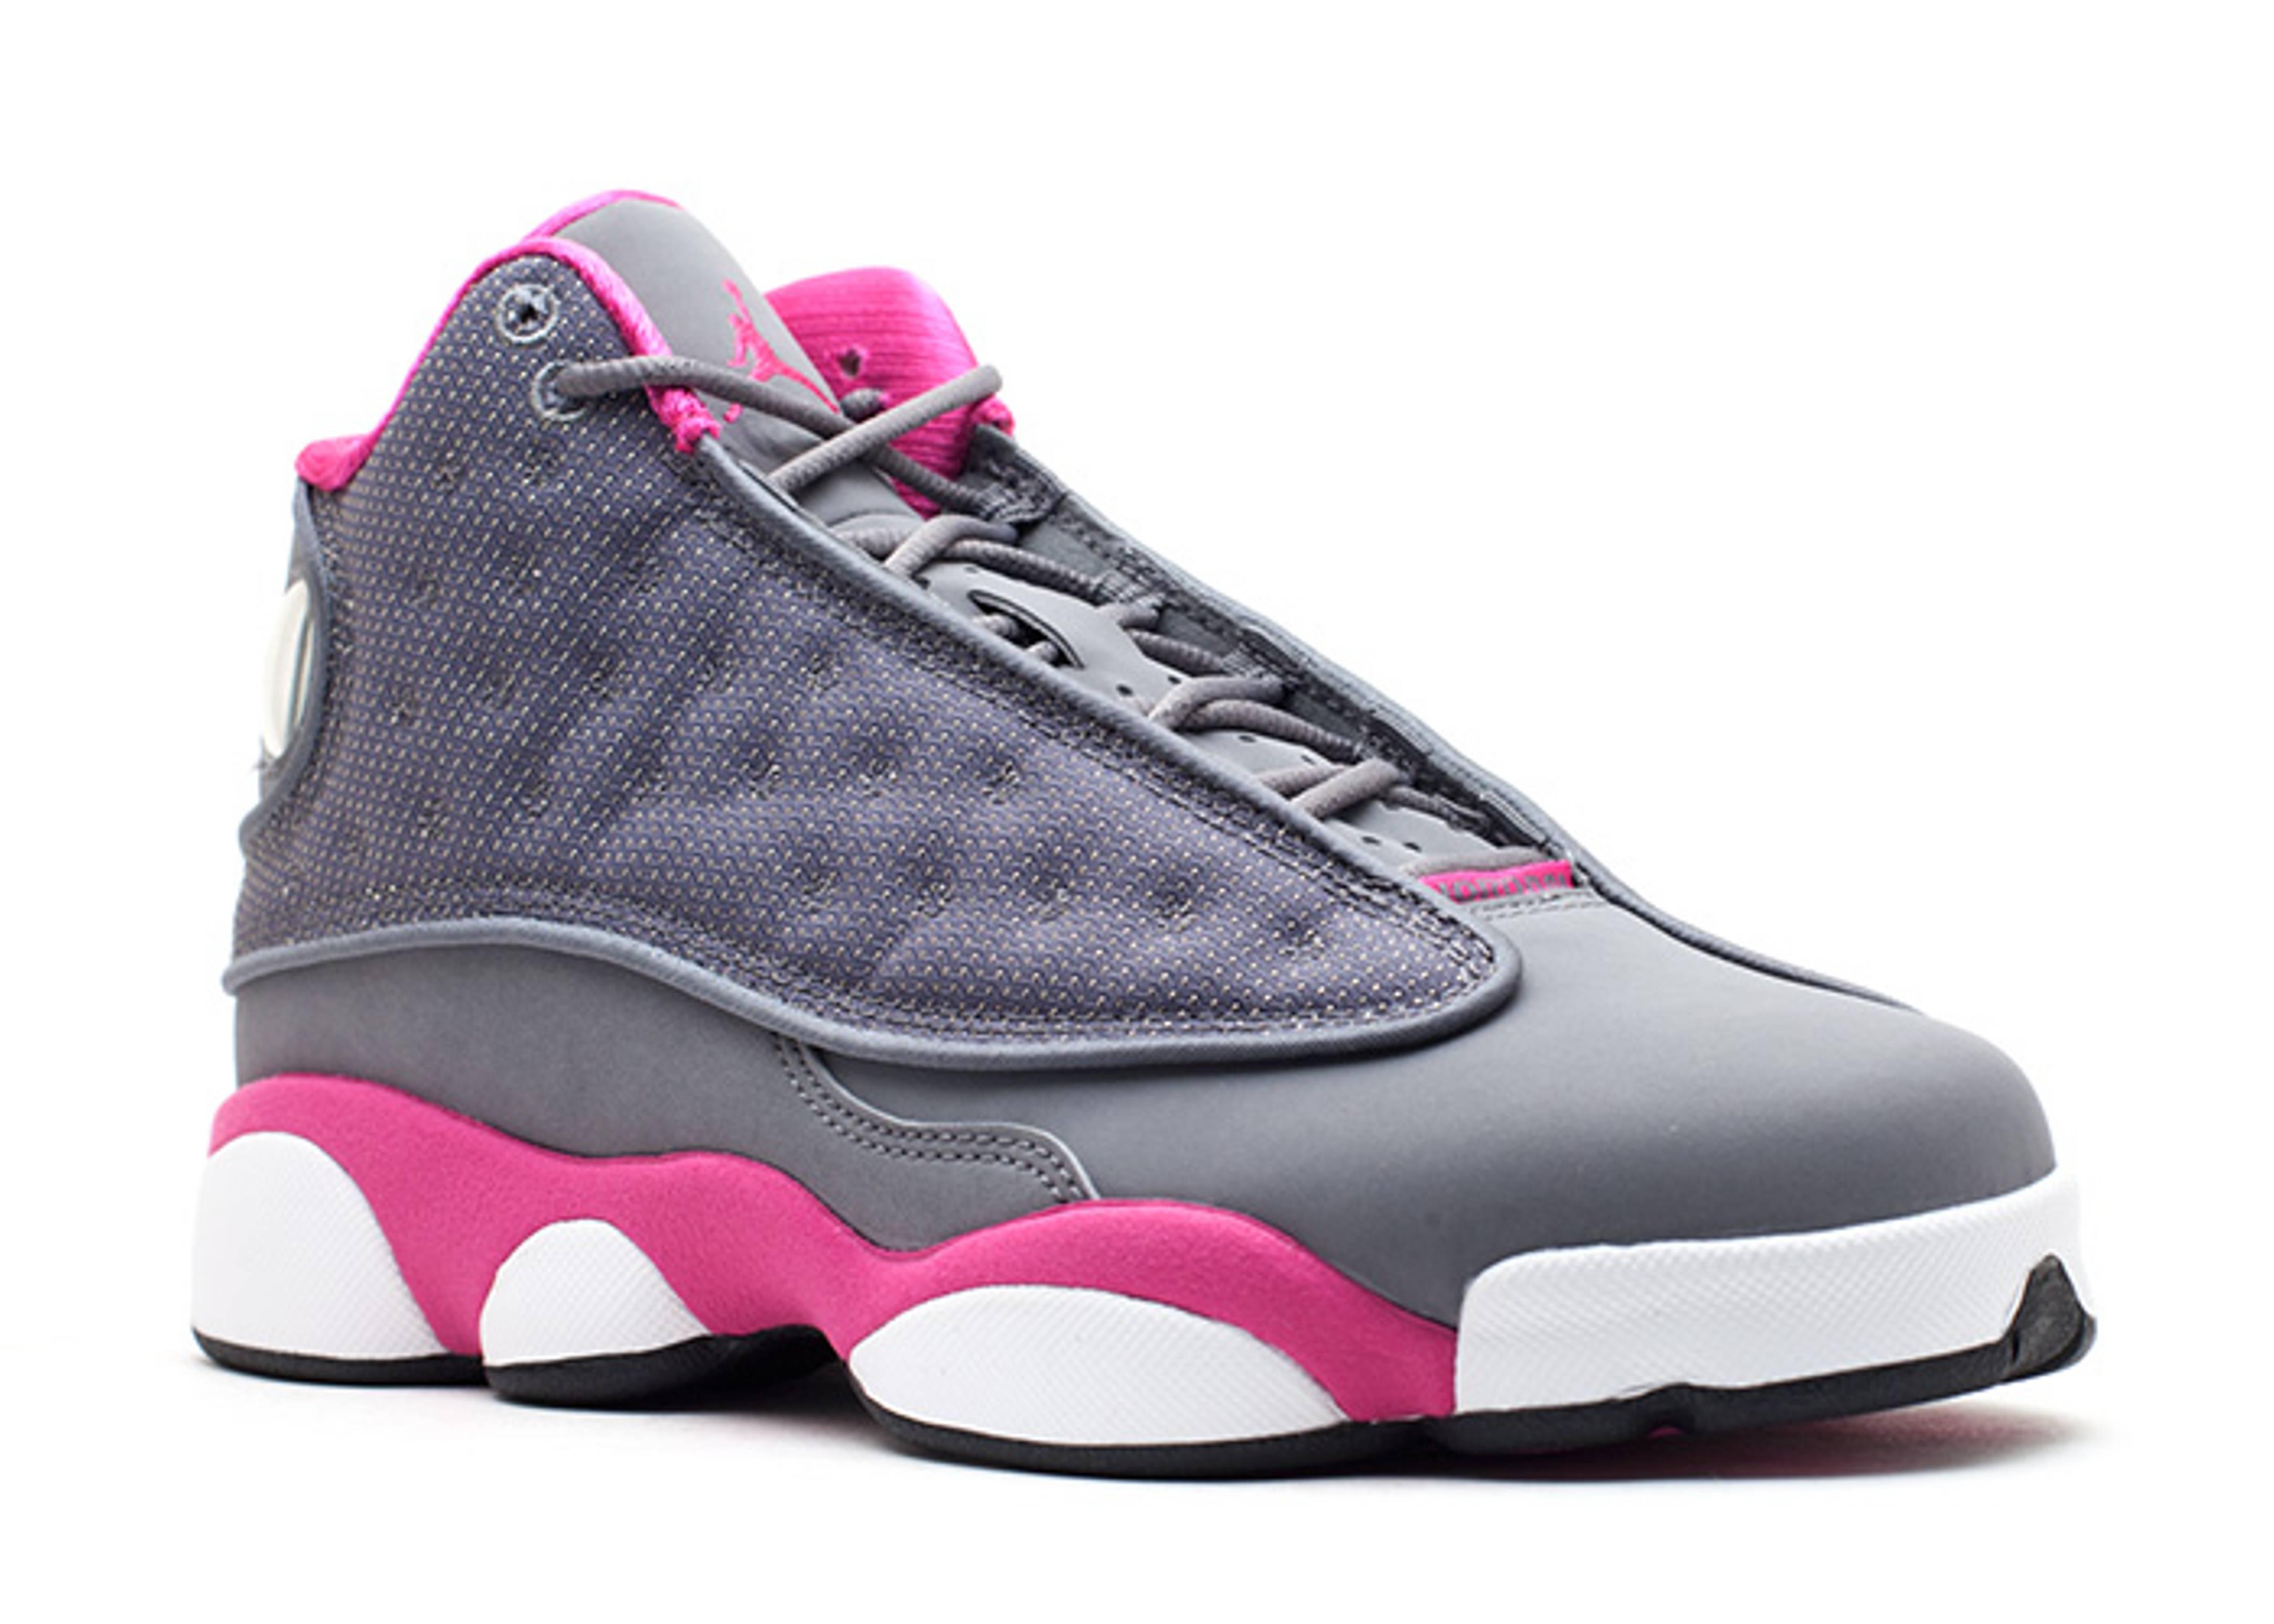 factory authentic 0c5b0 14ec1 air jordans 13 for ladies Nike Air Jordan 13 Retro ...